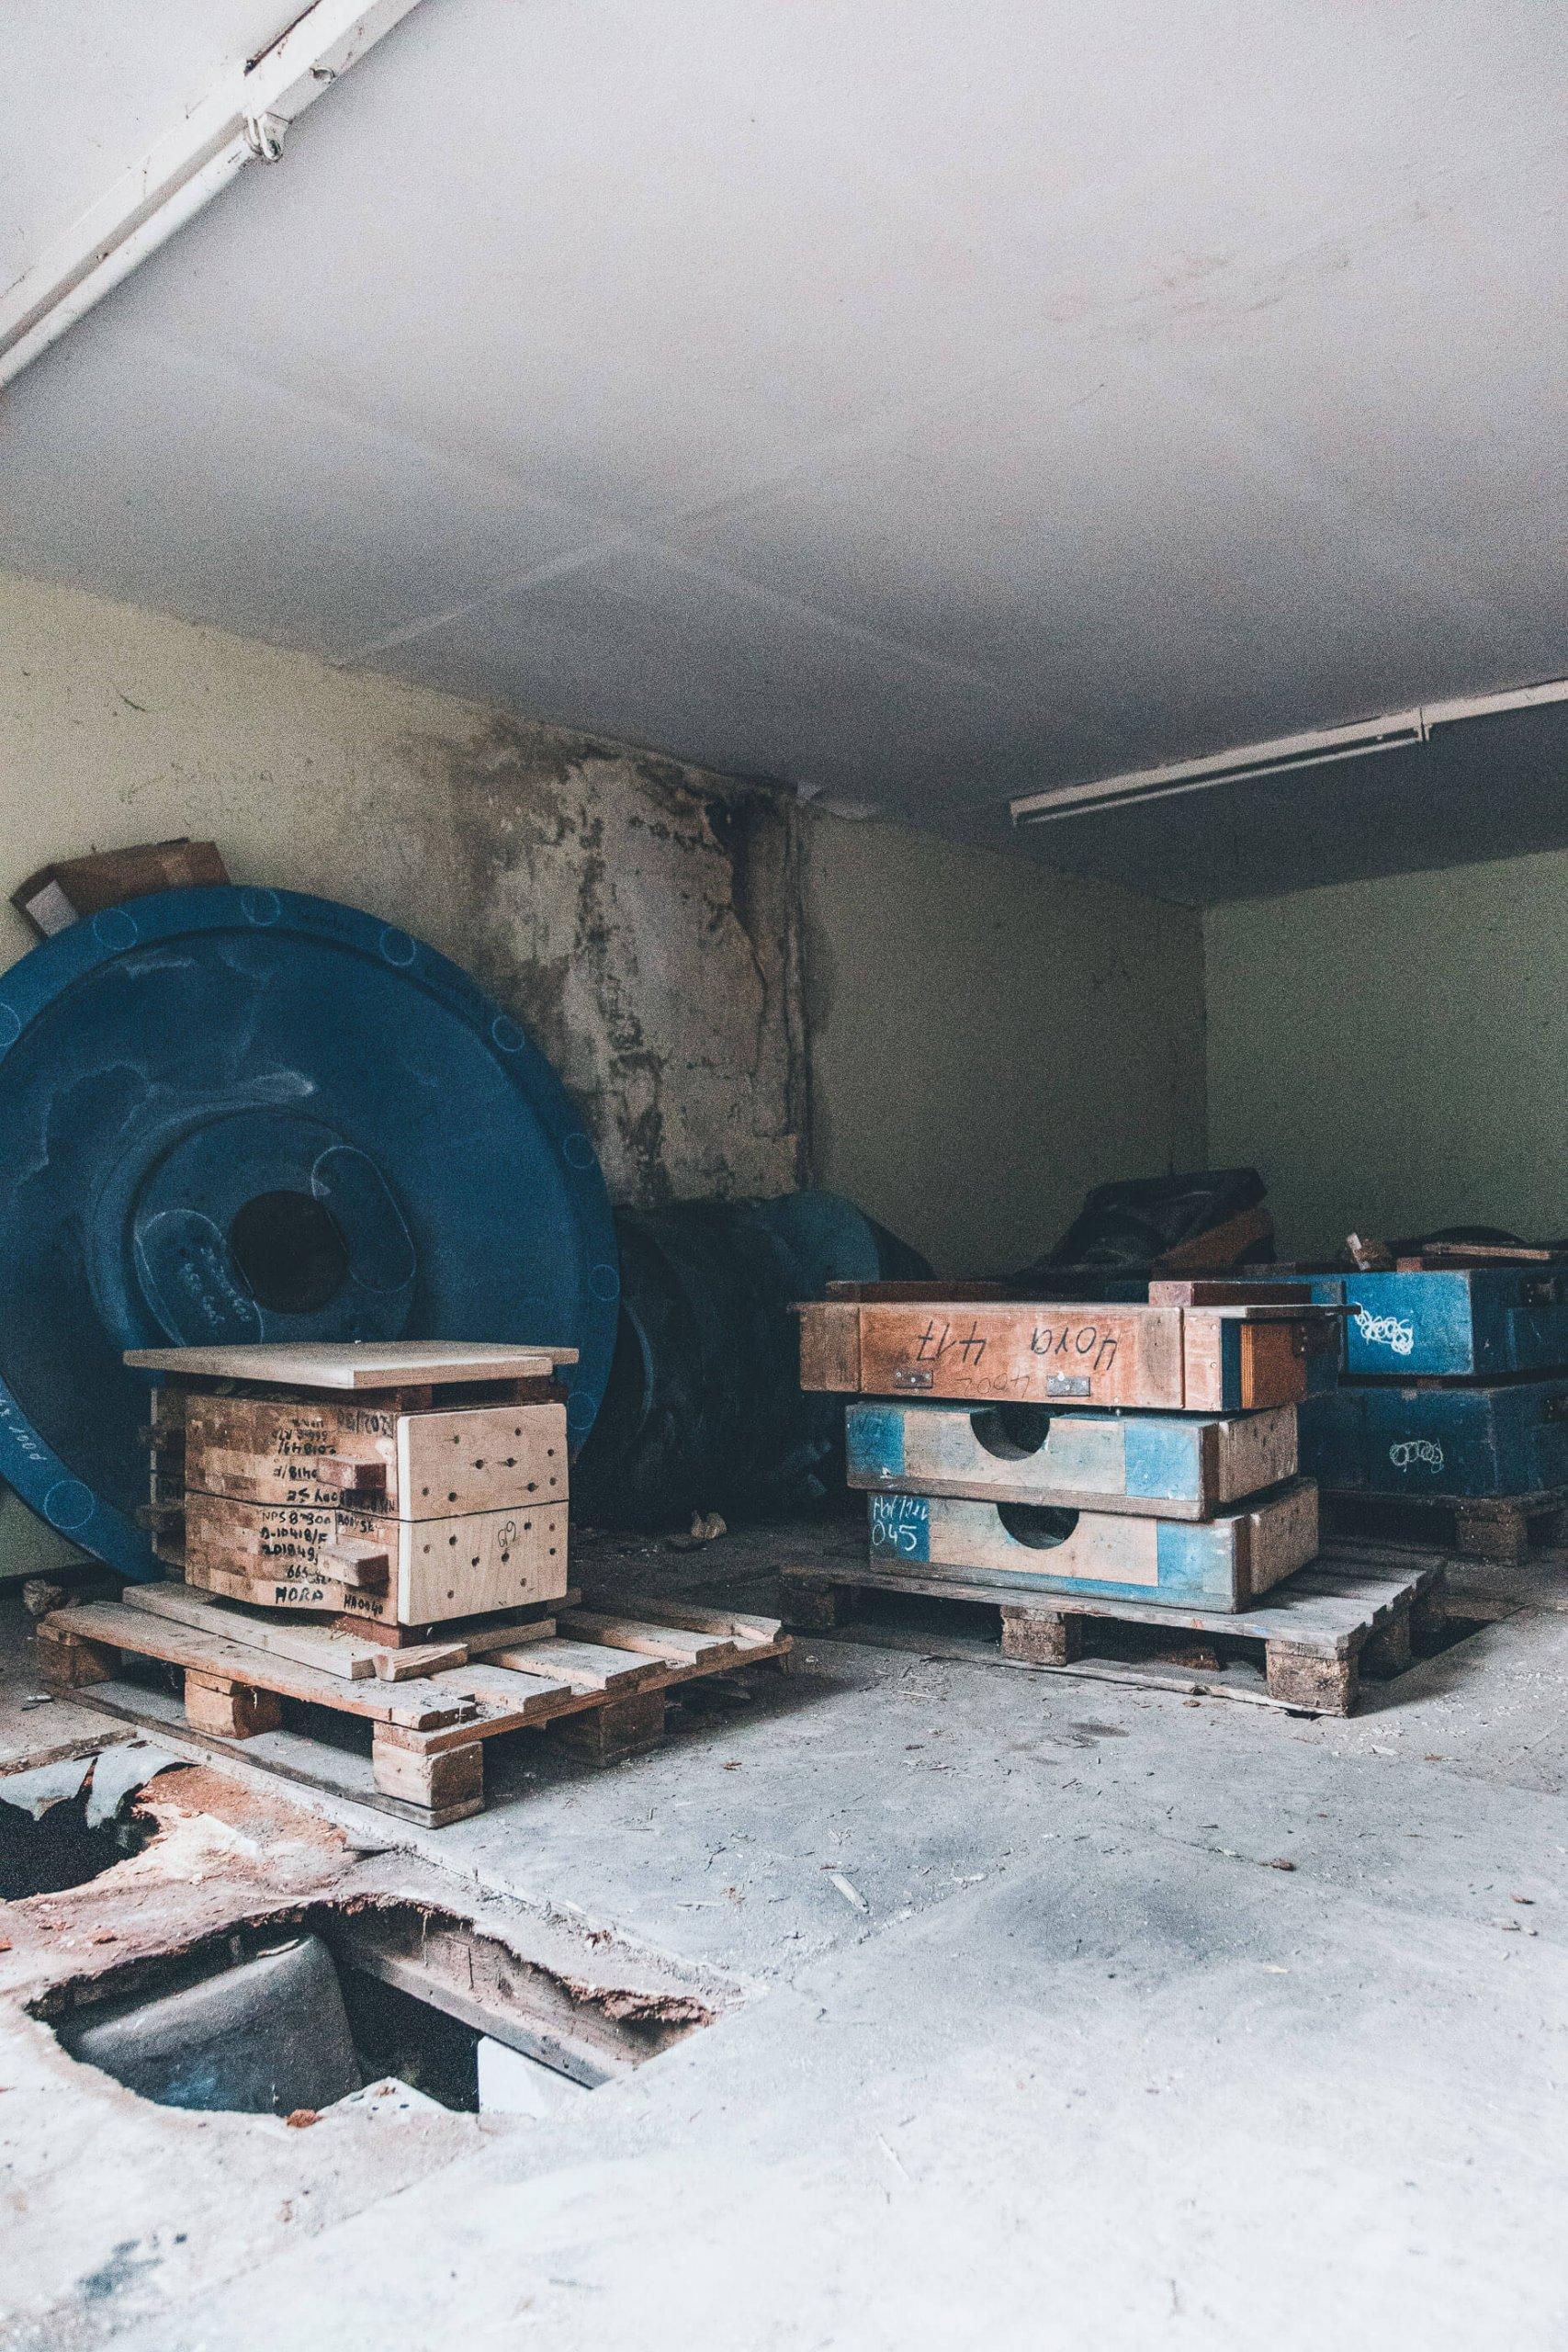 Kaltes Eisen - Das verlassene Eisenwerk - Teil 1